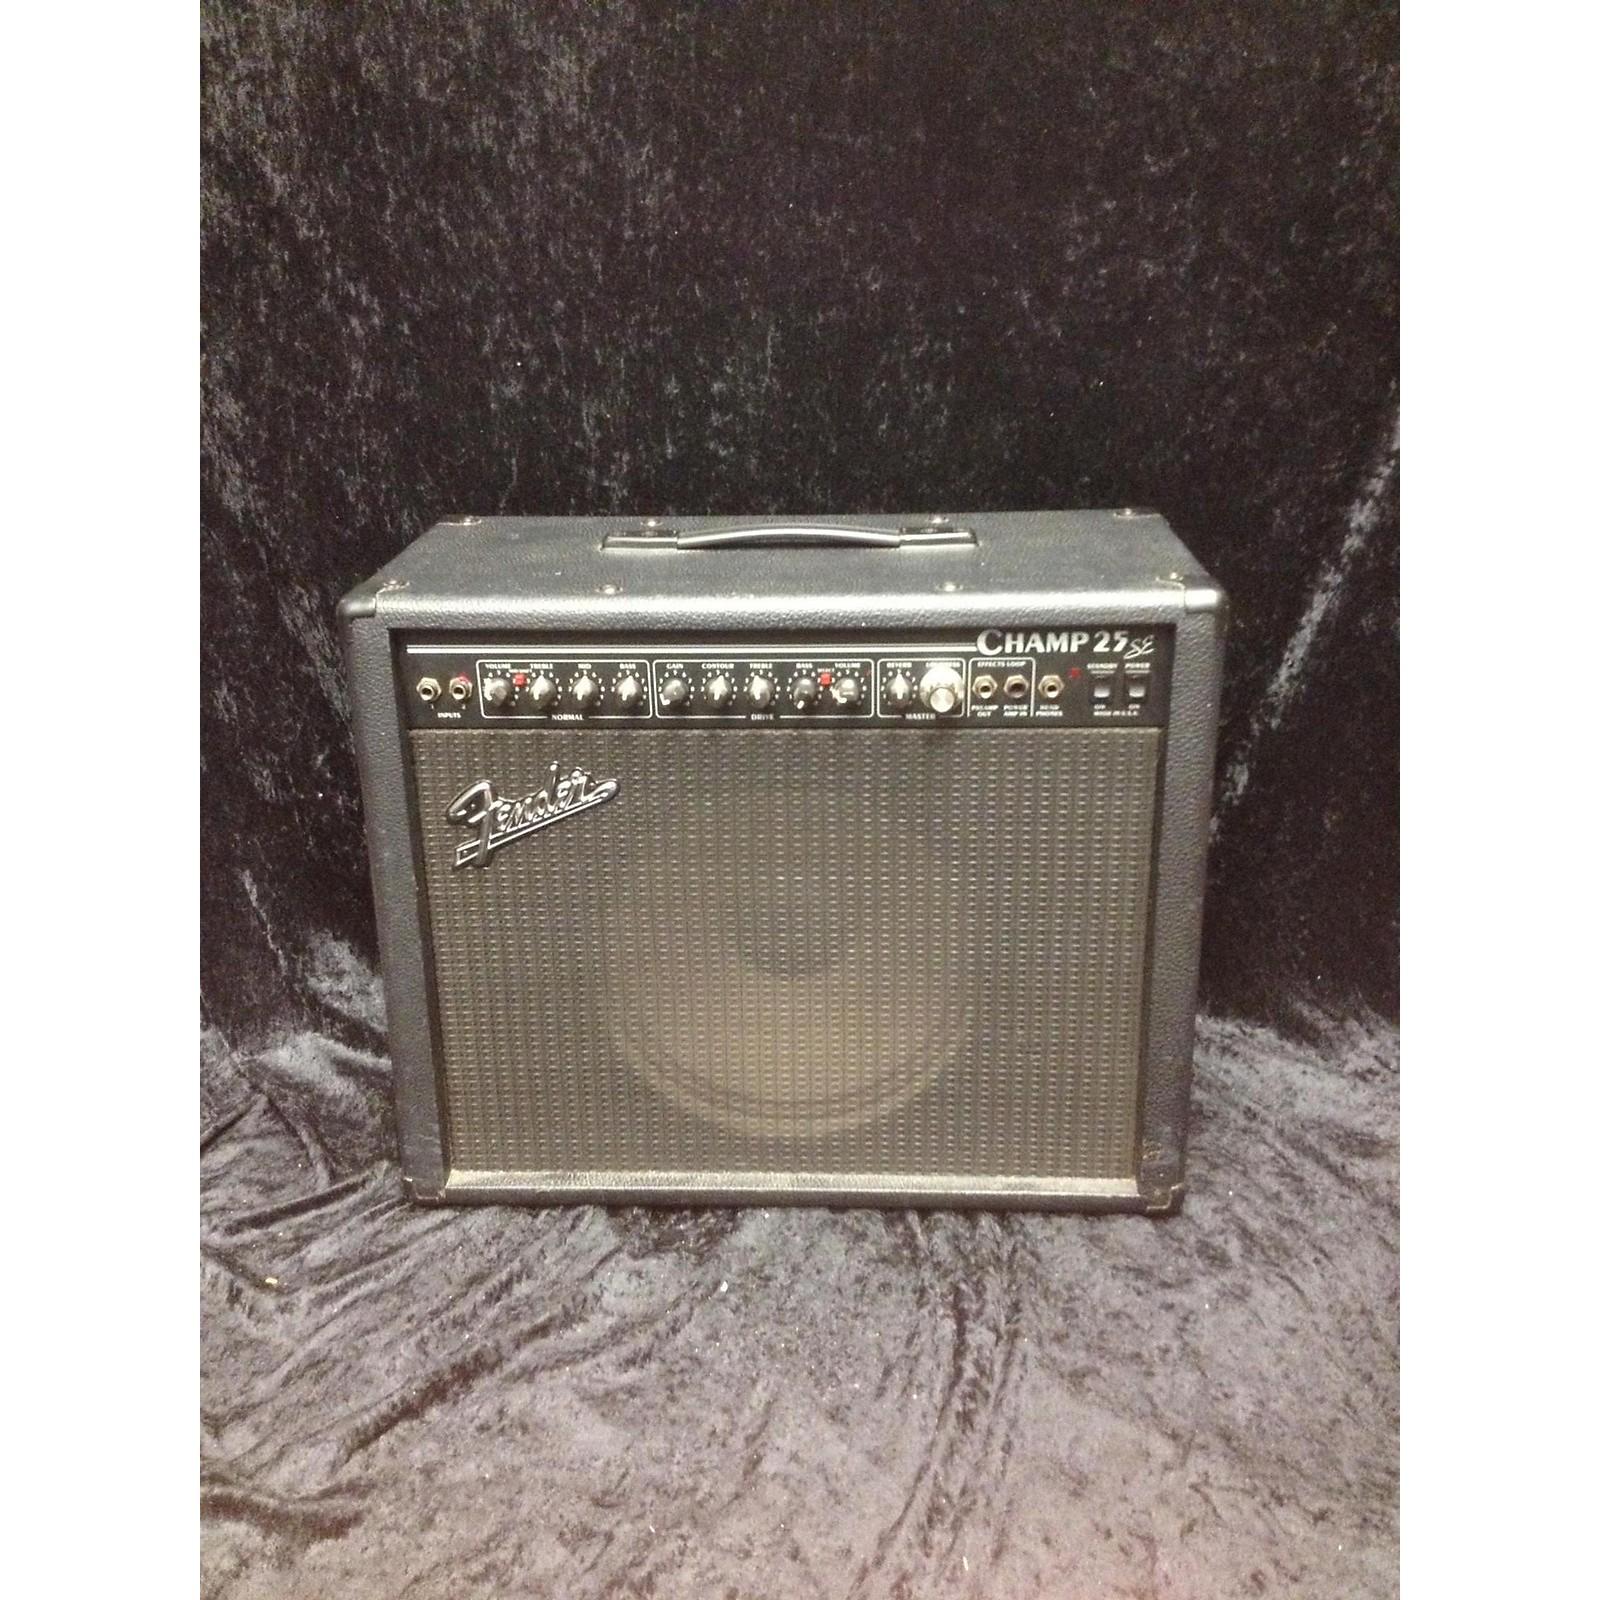 Fender Champ 25se Tube Guitar Combo Amp